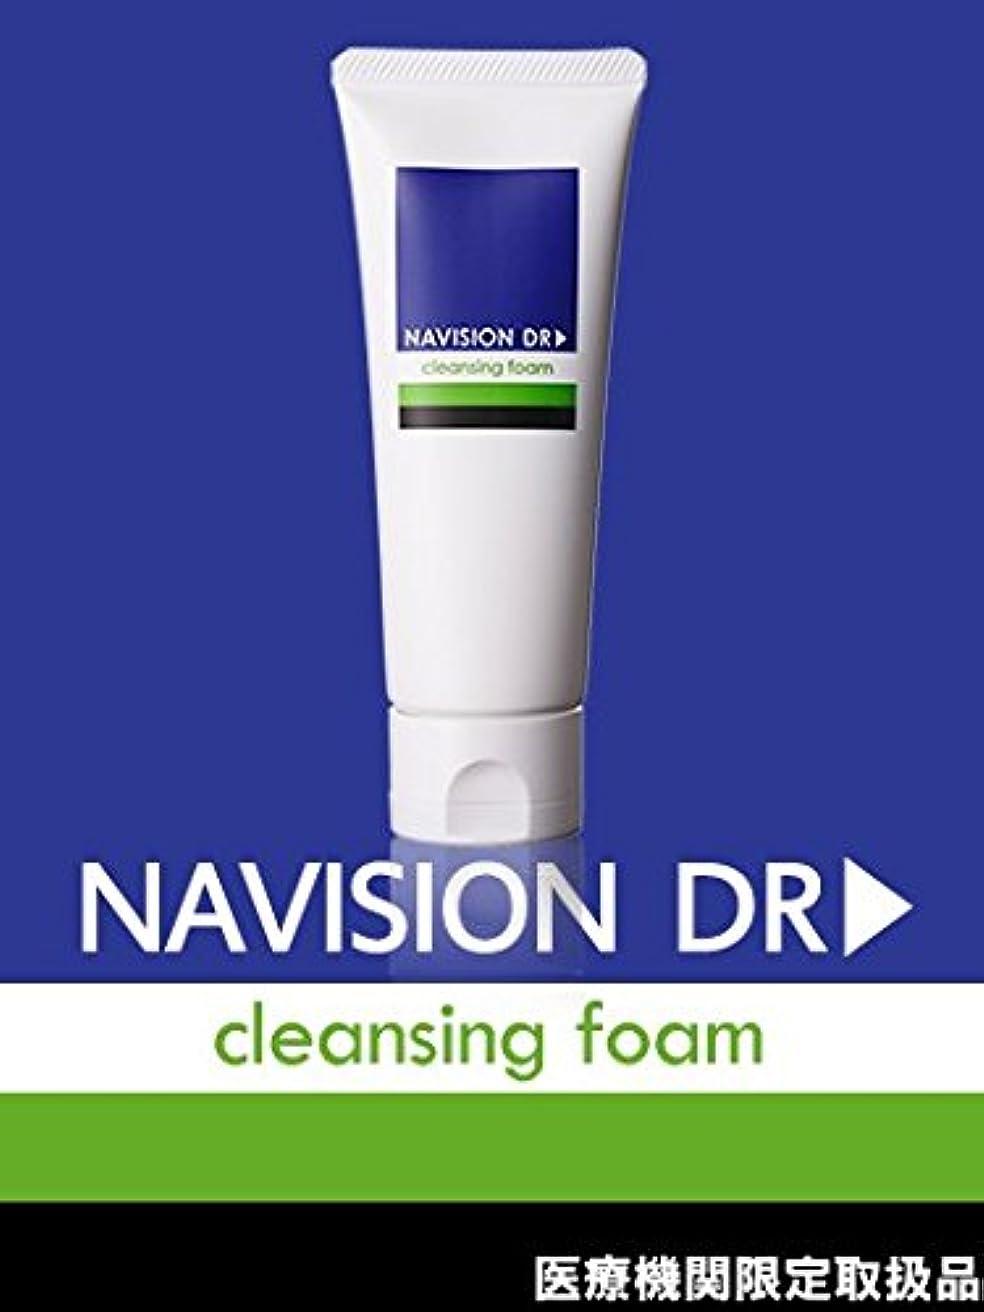 アセ海藻溶融NAVISION DR? ナビジョンDR クレンジングフォーム 120g 【医療機関限定取扱品】